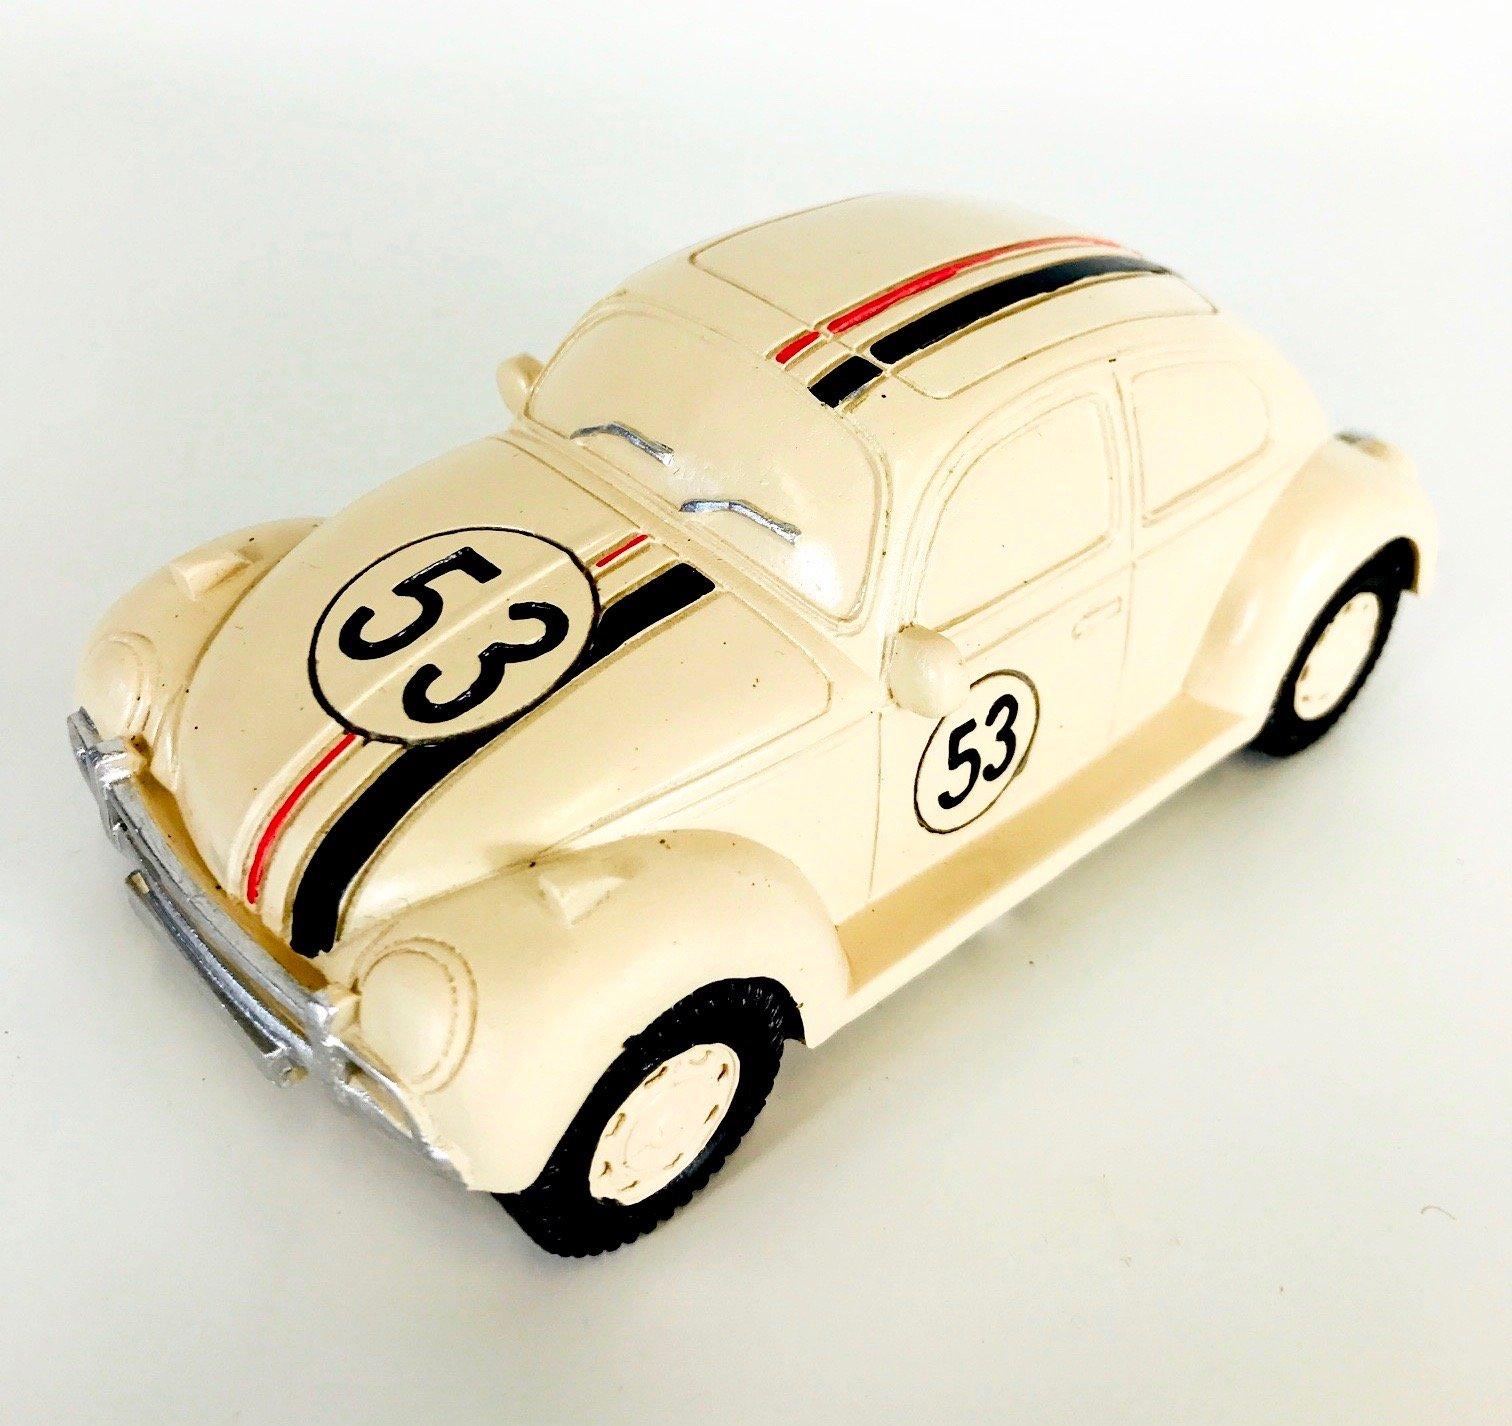 Herbie The Car Grinder